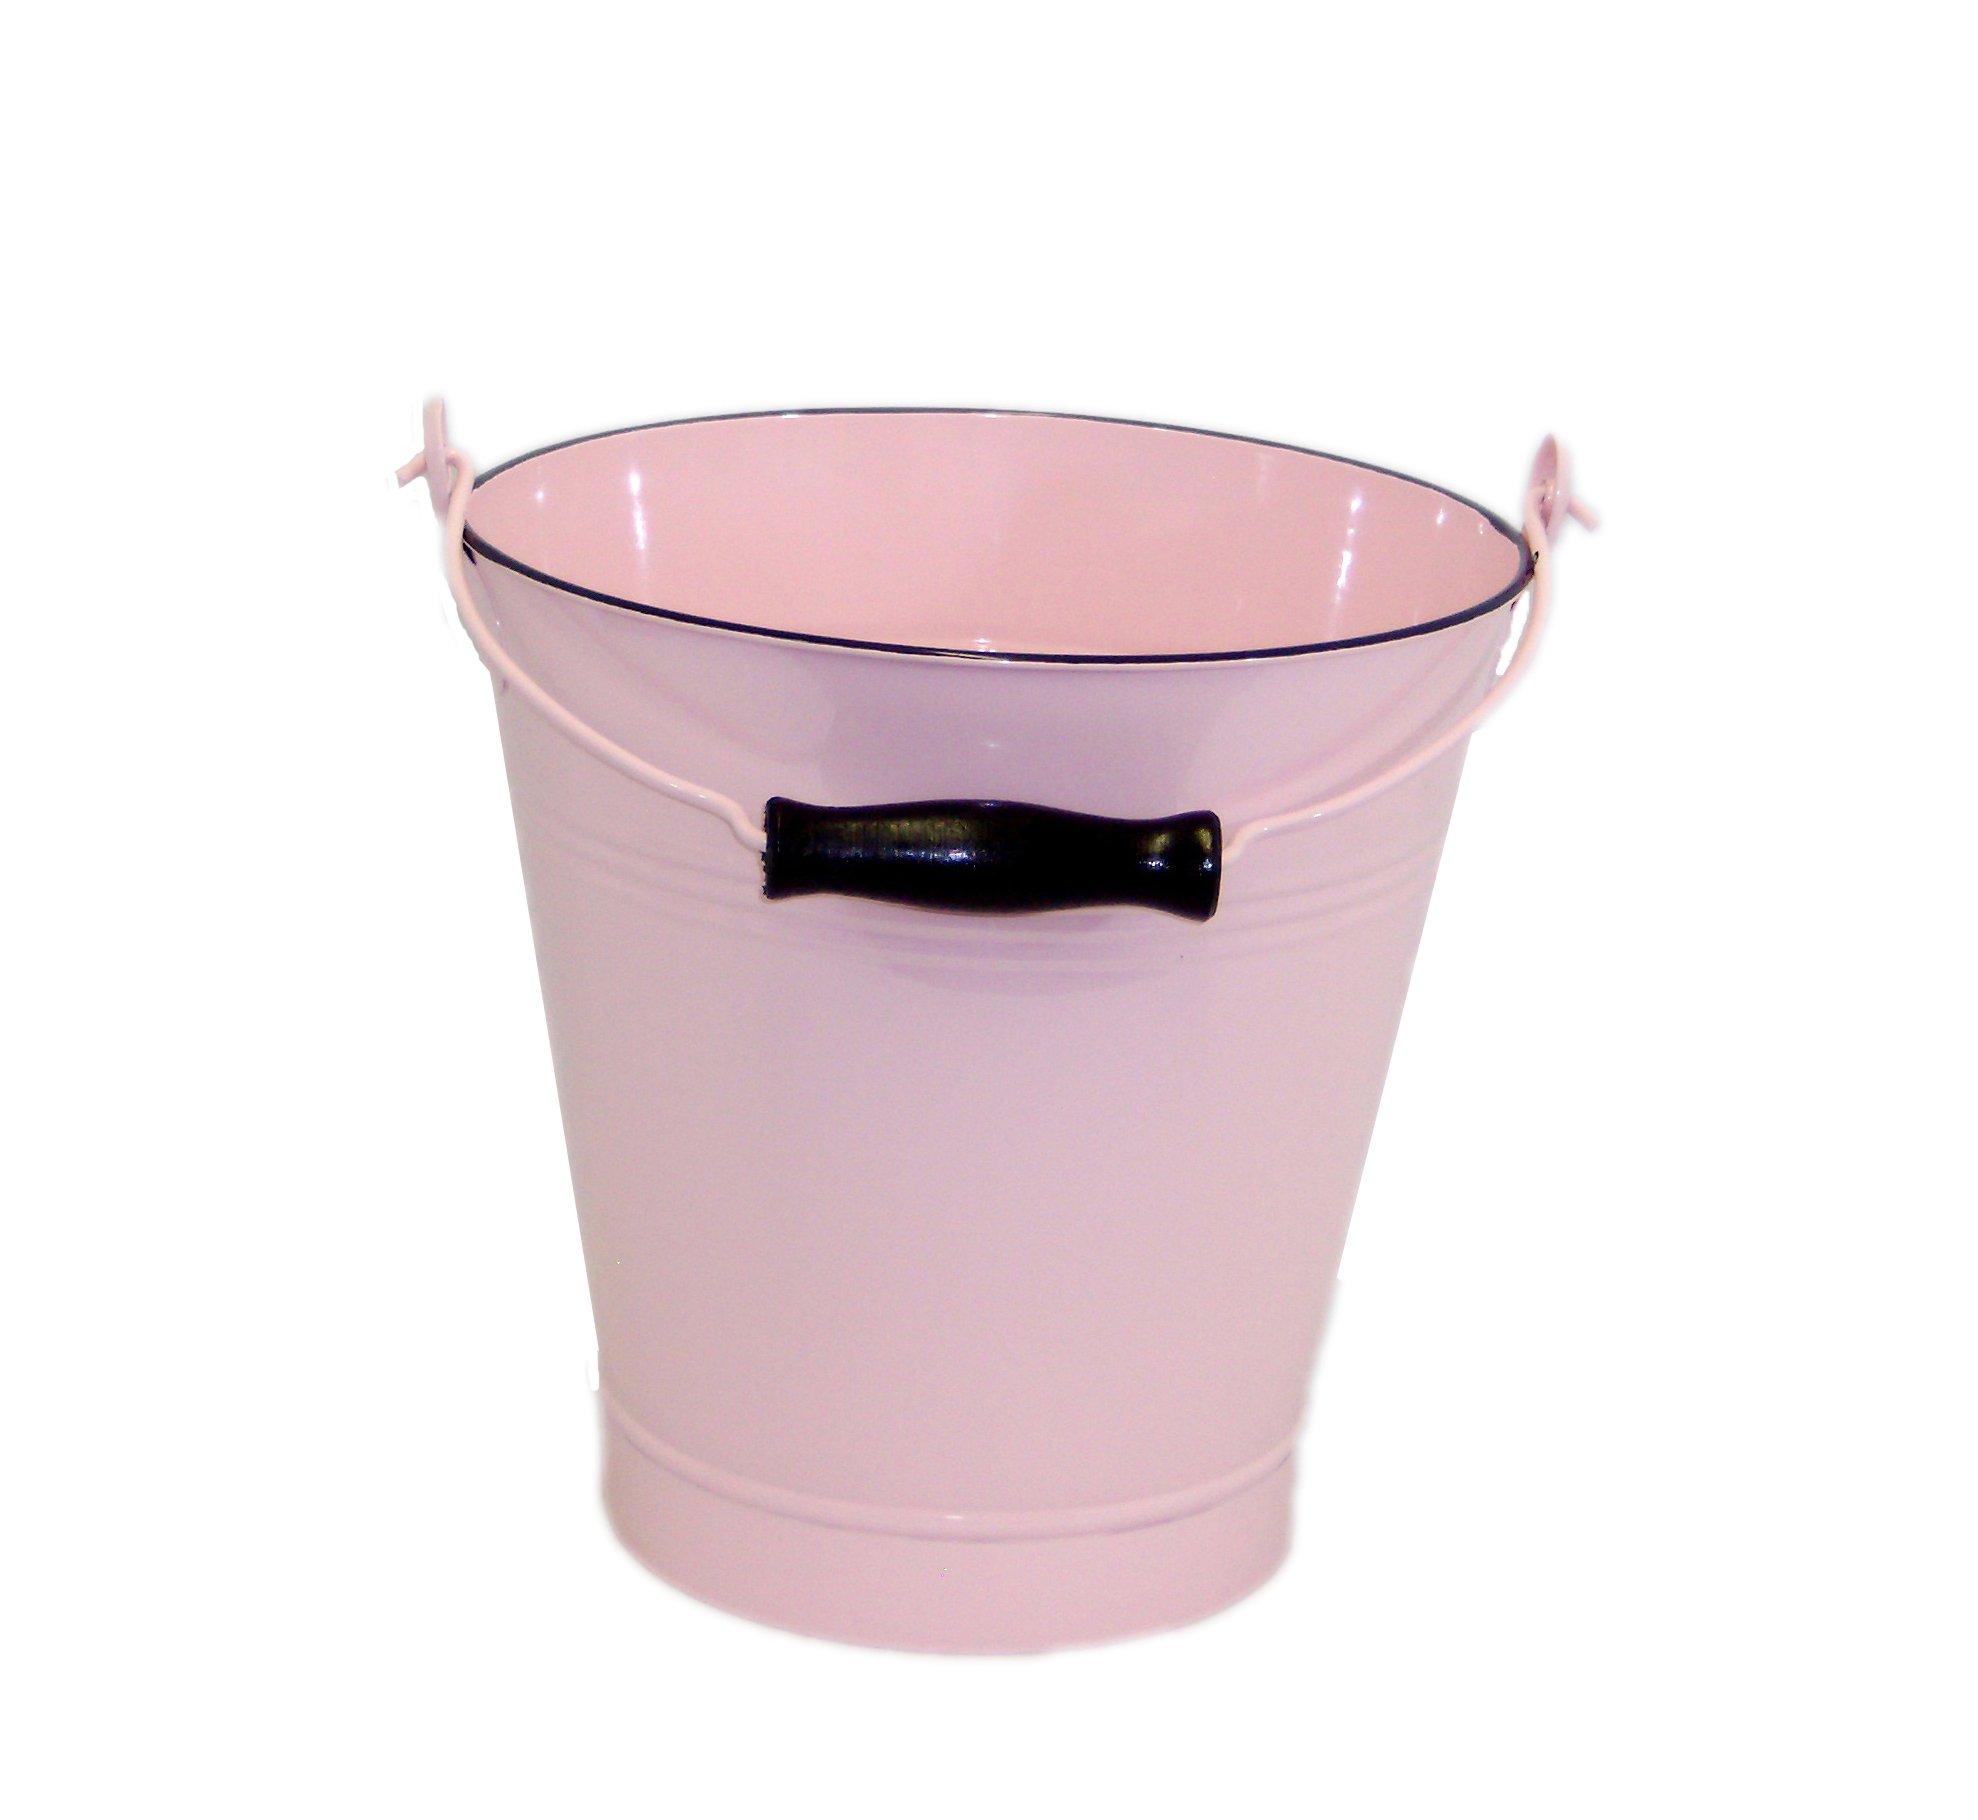 Large Pink Enamel Pail